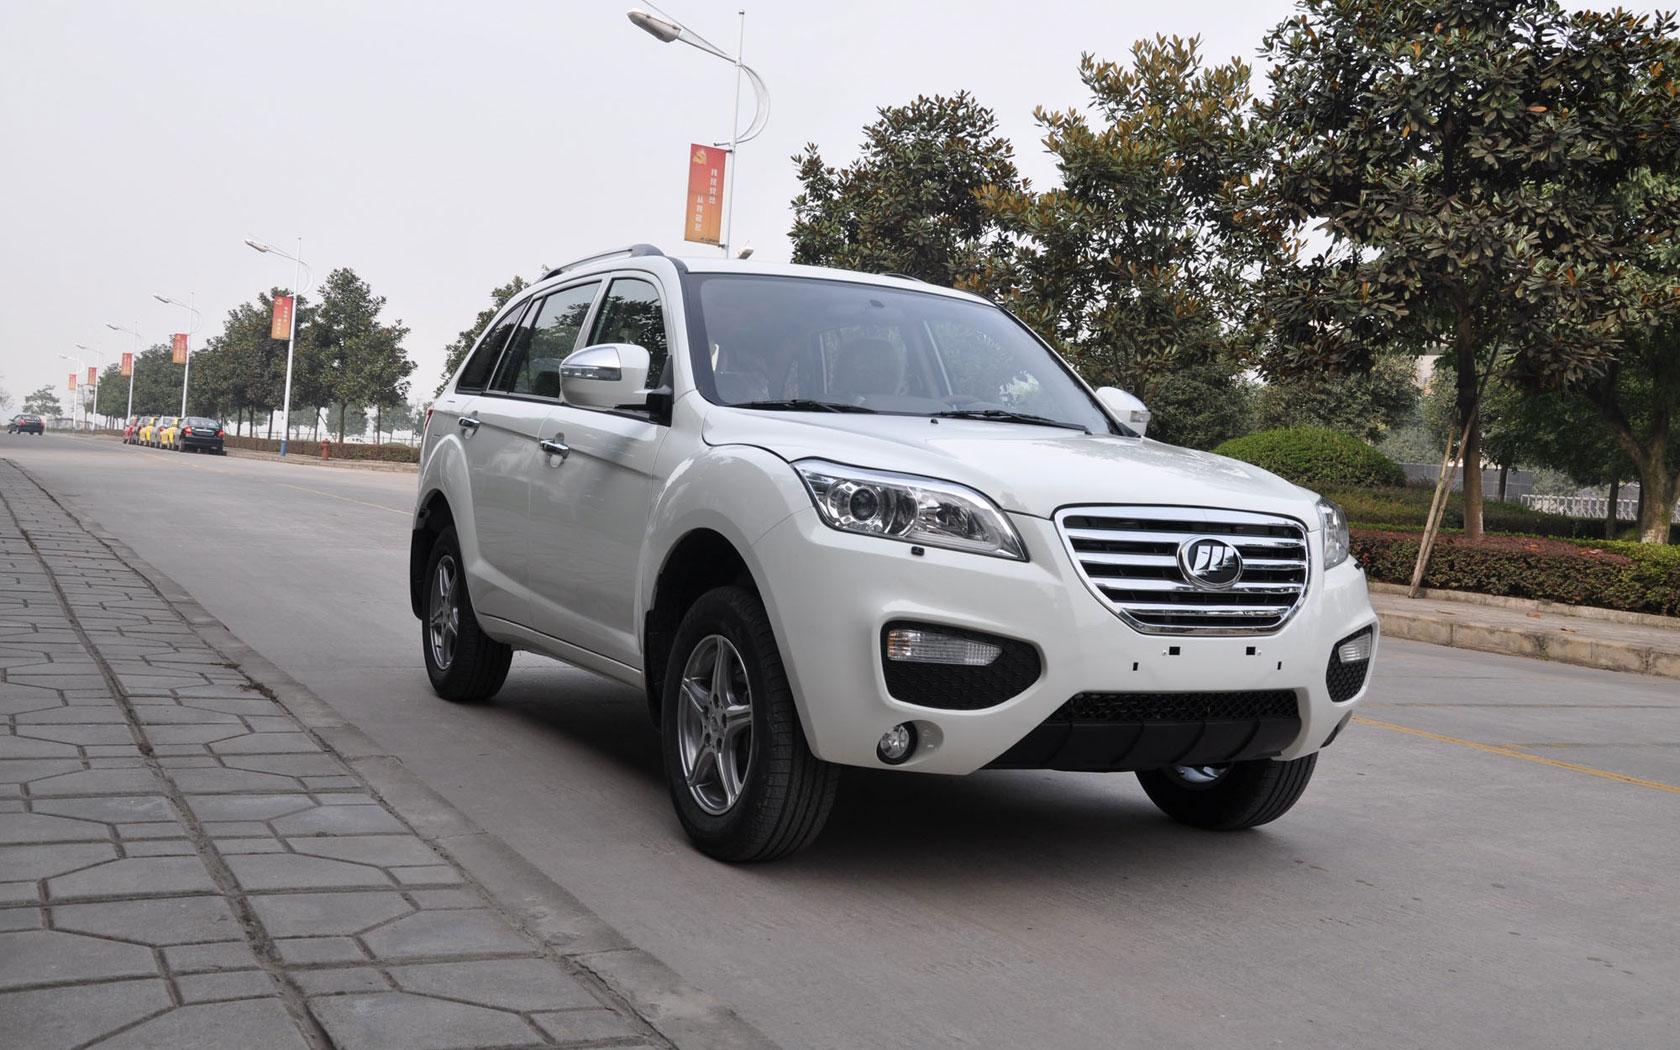 Составлен список 10 самых известных китайских авто в Российской Федерации